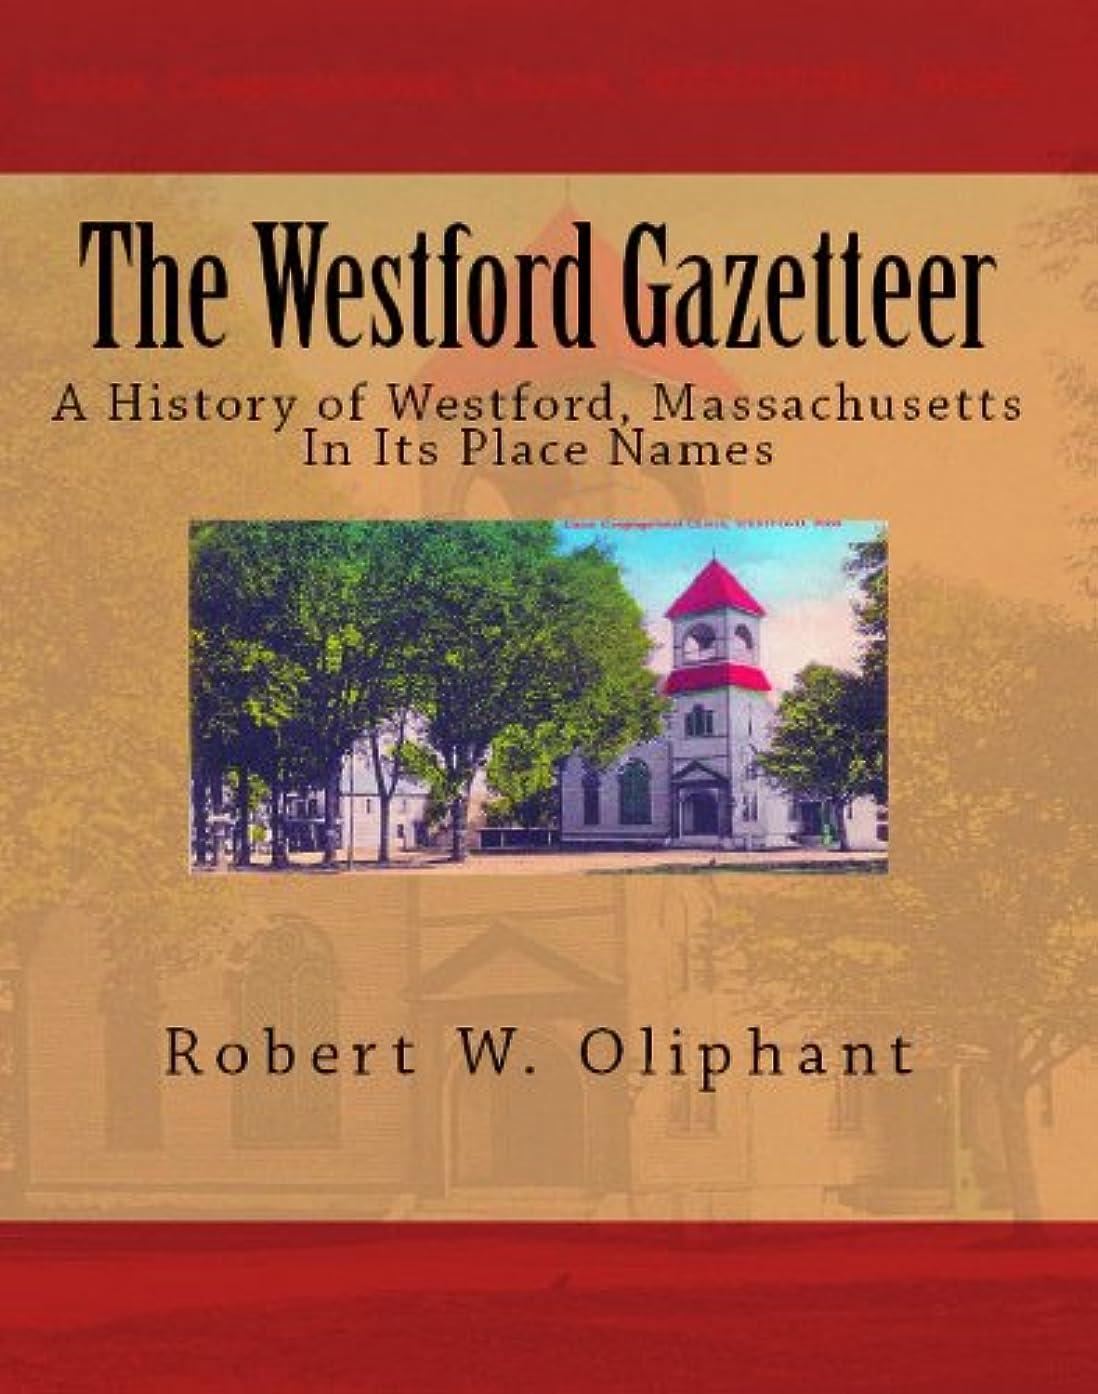 スマッシュコンサルタント有能なThe Westford Gazetteer, A History of Westford, Massachusetts in its Place Names (English Edition)